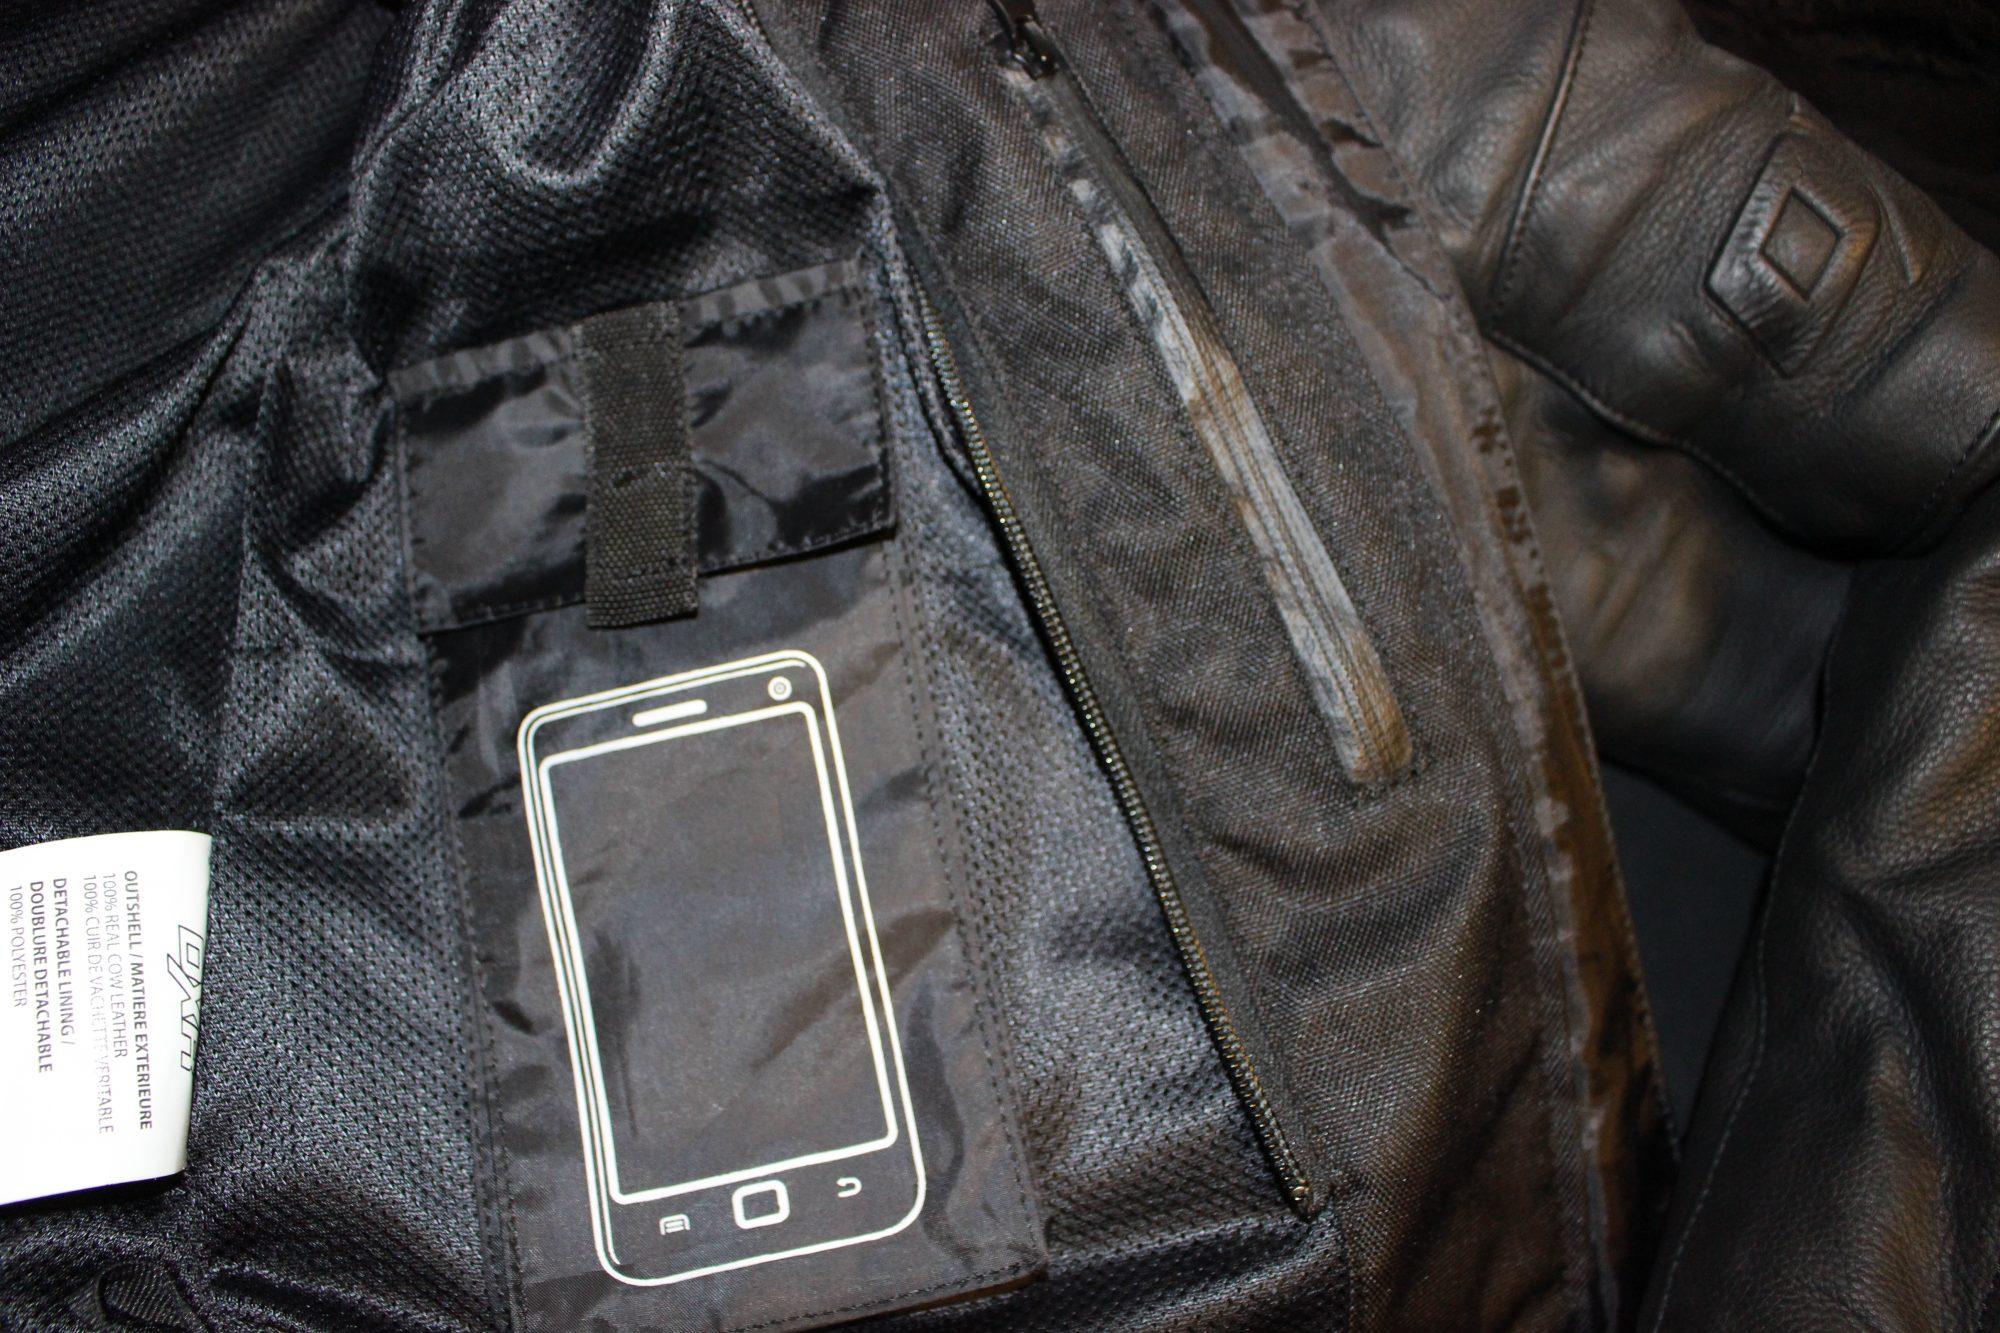 Une poche téléphone dans un blouson